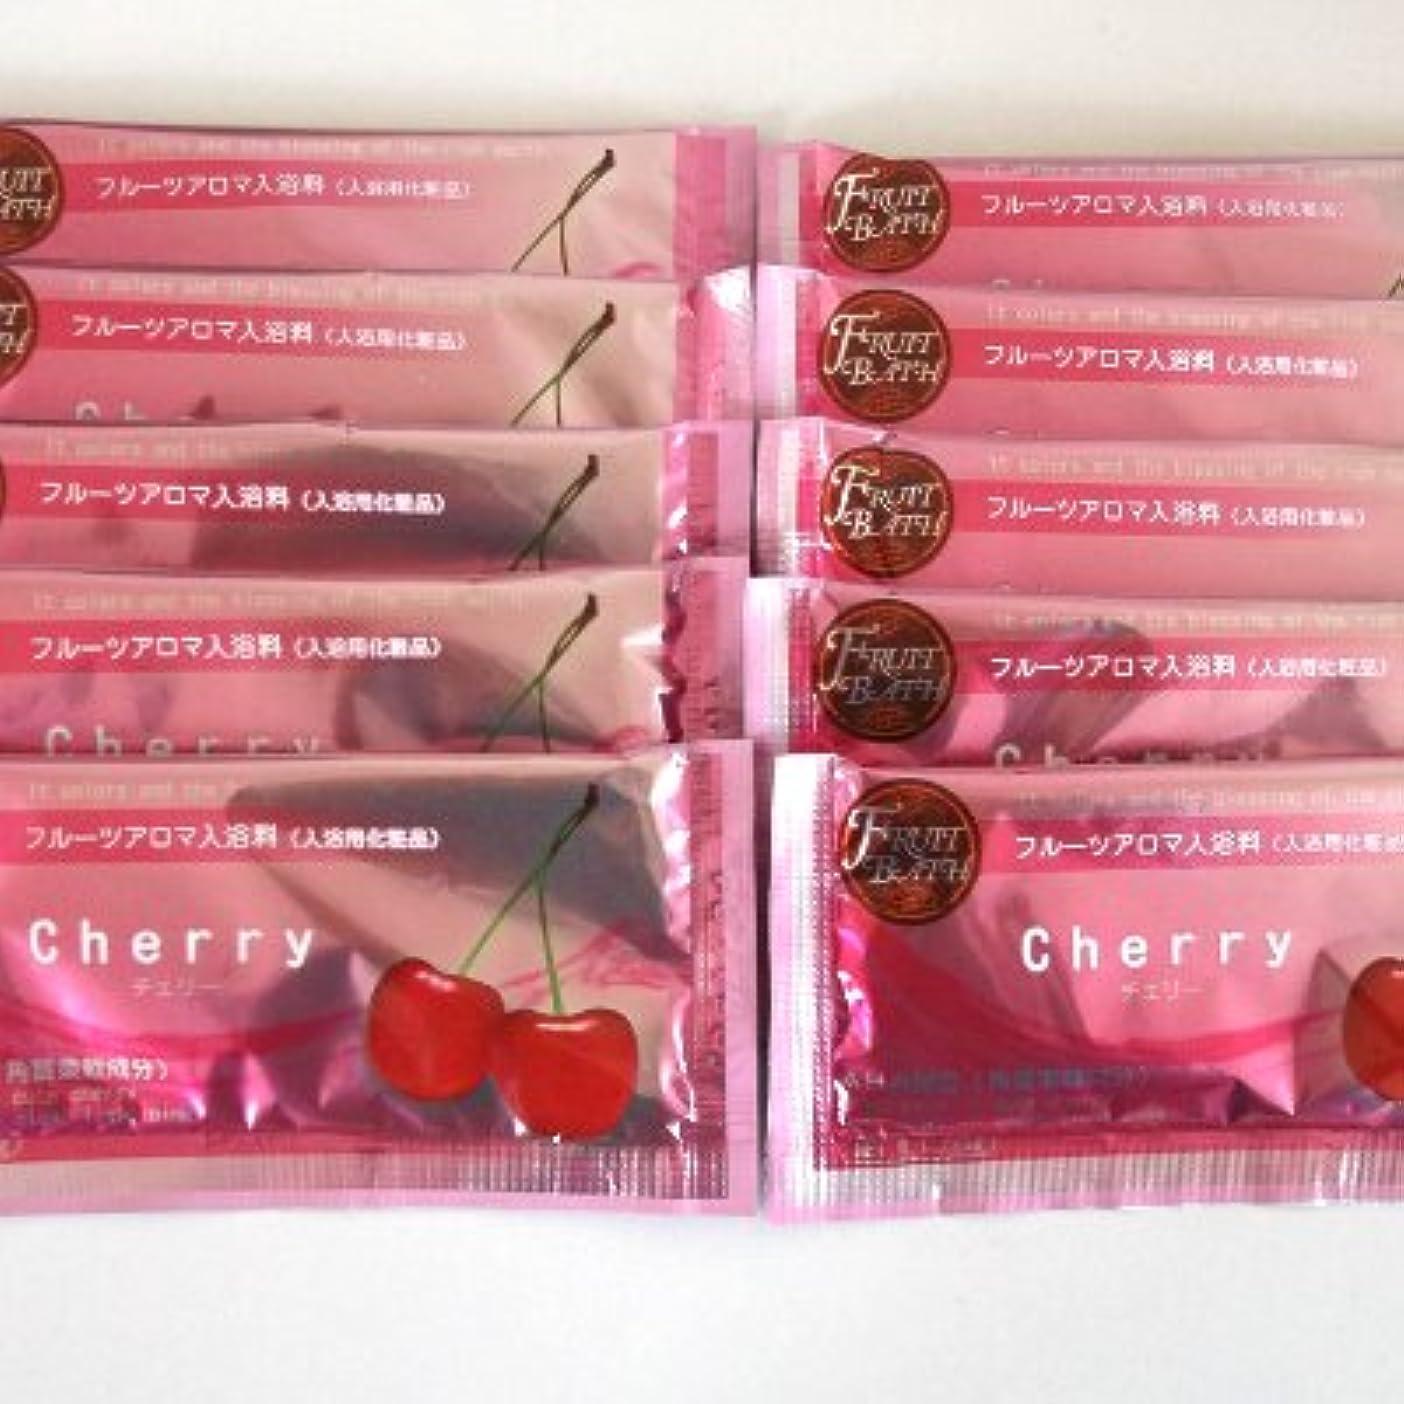 不健全懇願する書士フルーツアロマ入浴剤 チェリーの香り 10包セット